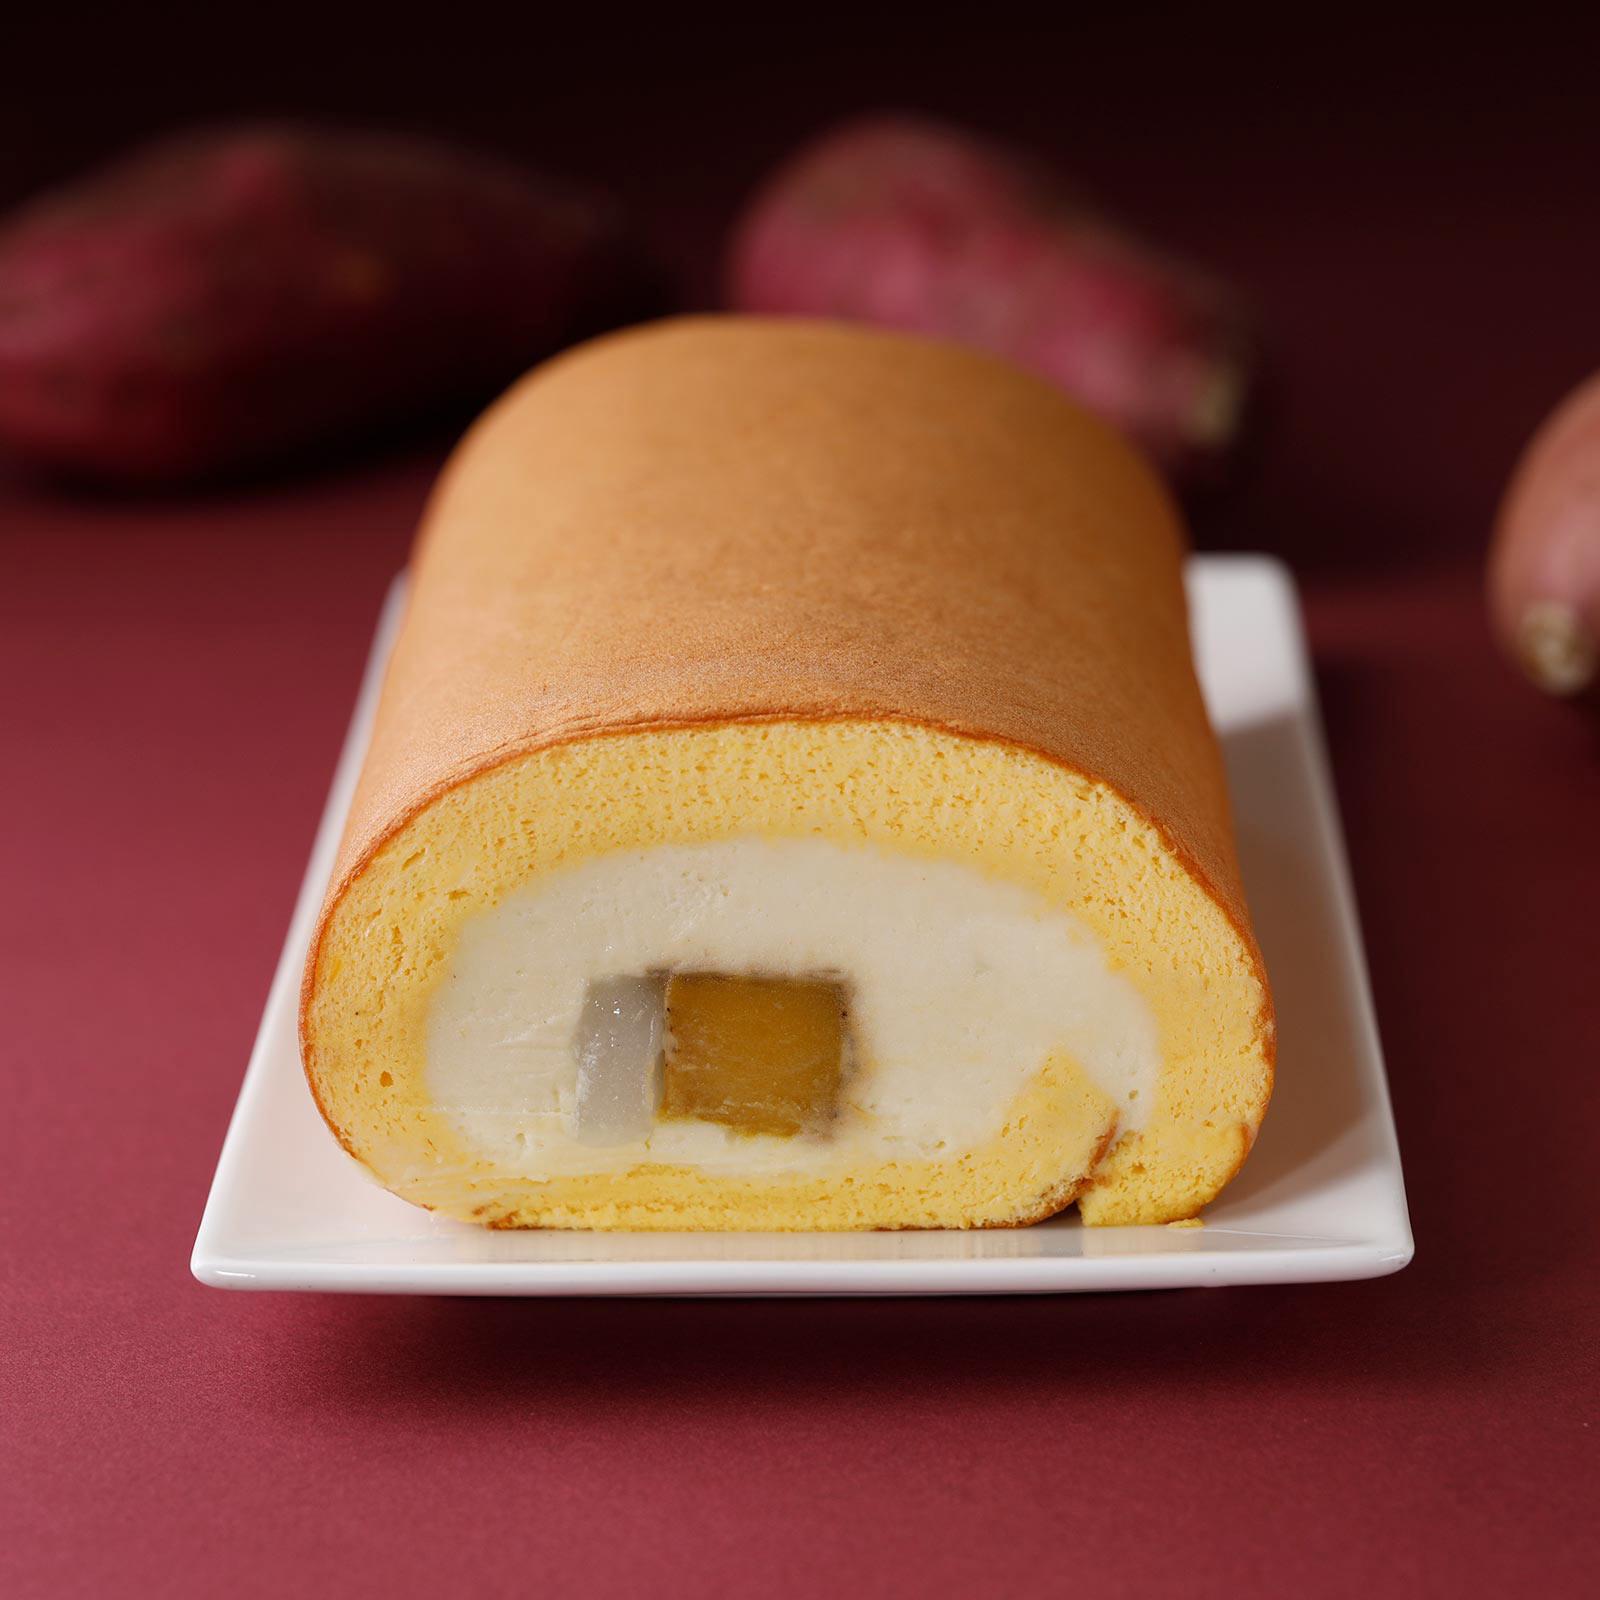 安納芋の芋ようかんと求肥、紅はるかの味わい広がる芋クリームをしっとりスポンジで巻き込んだお芋のロールケーキ